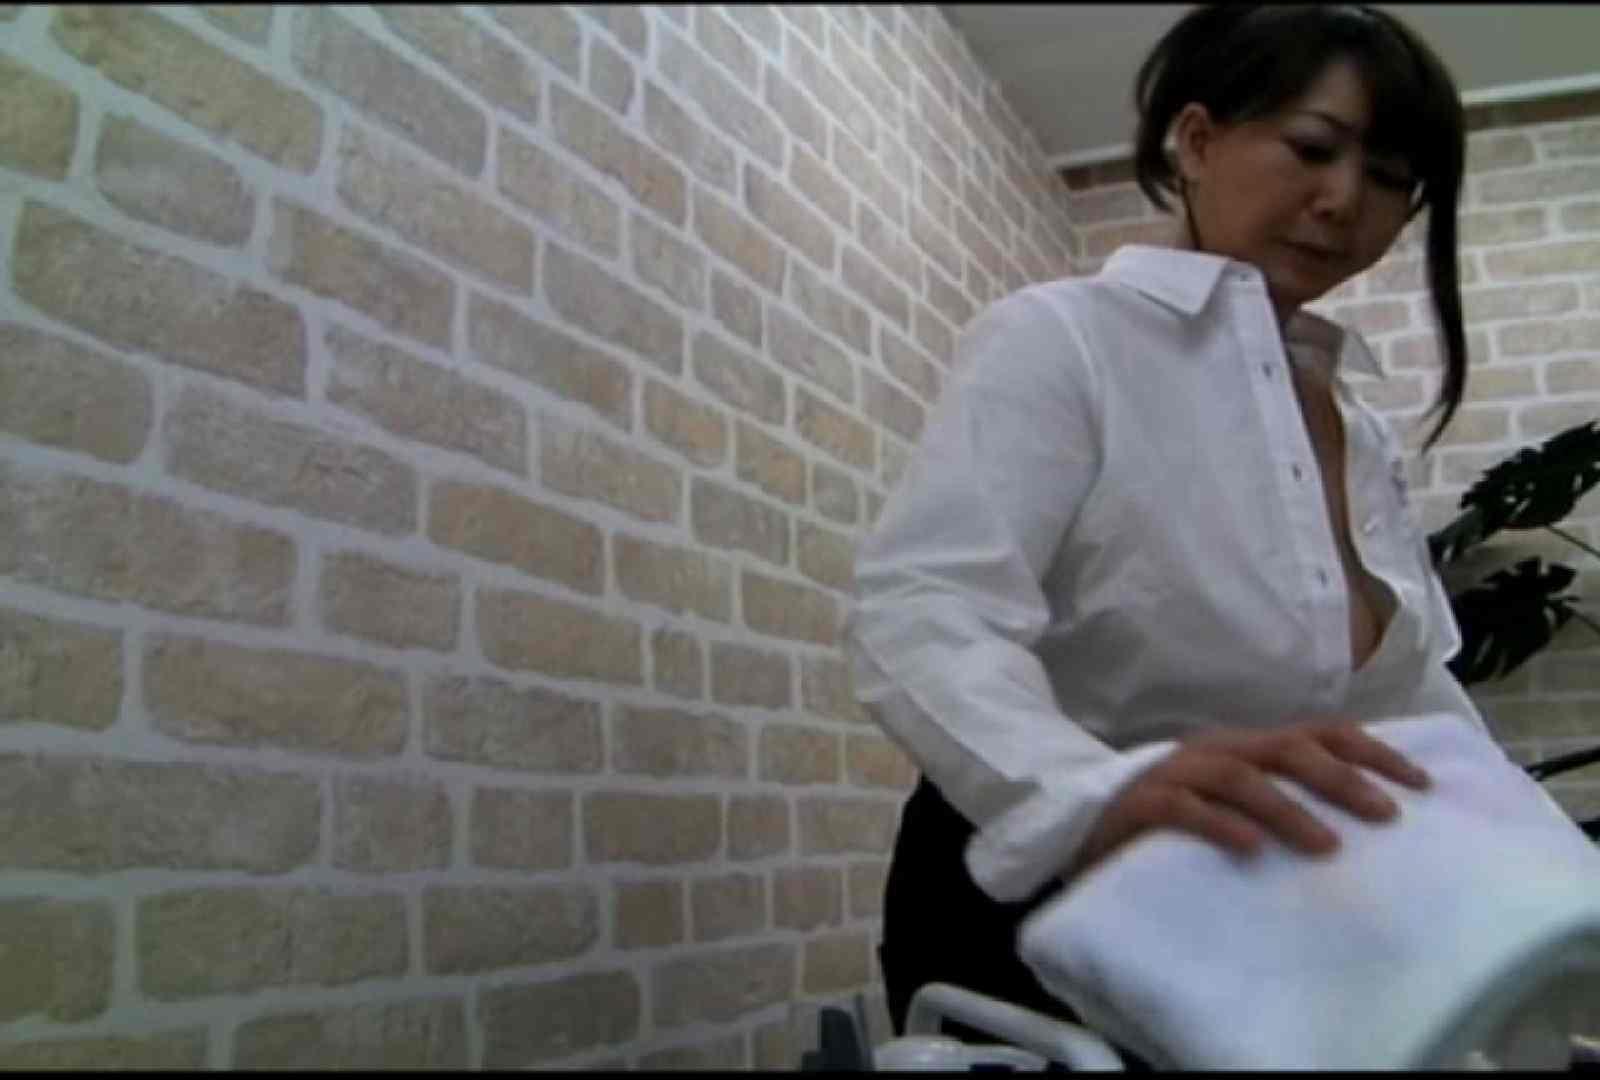 いきつけの美容院はノーブラ営業中!Vol.2 乳首   OLヌード天国  54PIX 45